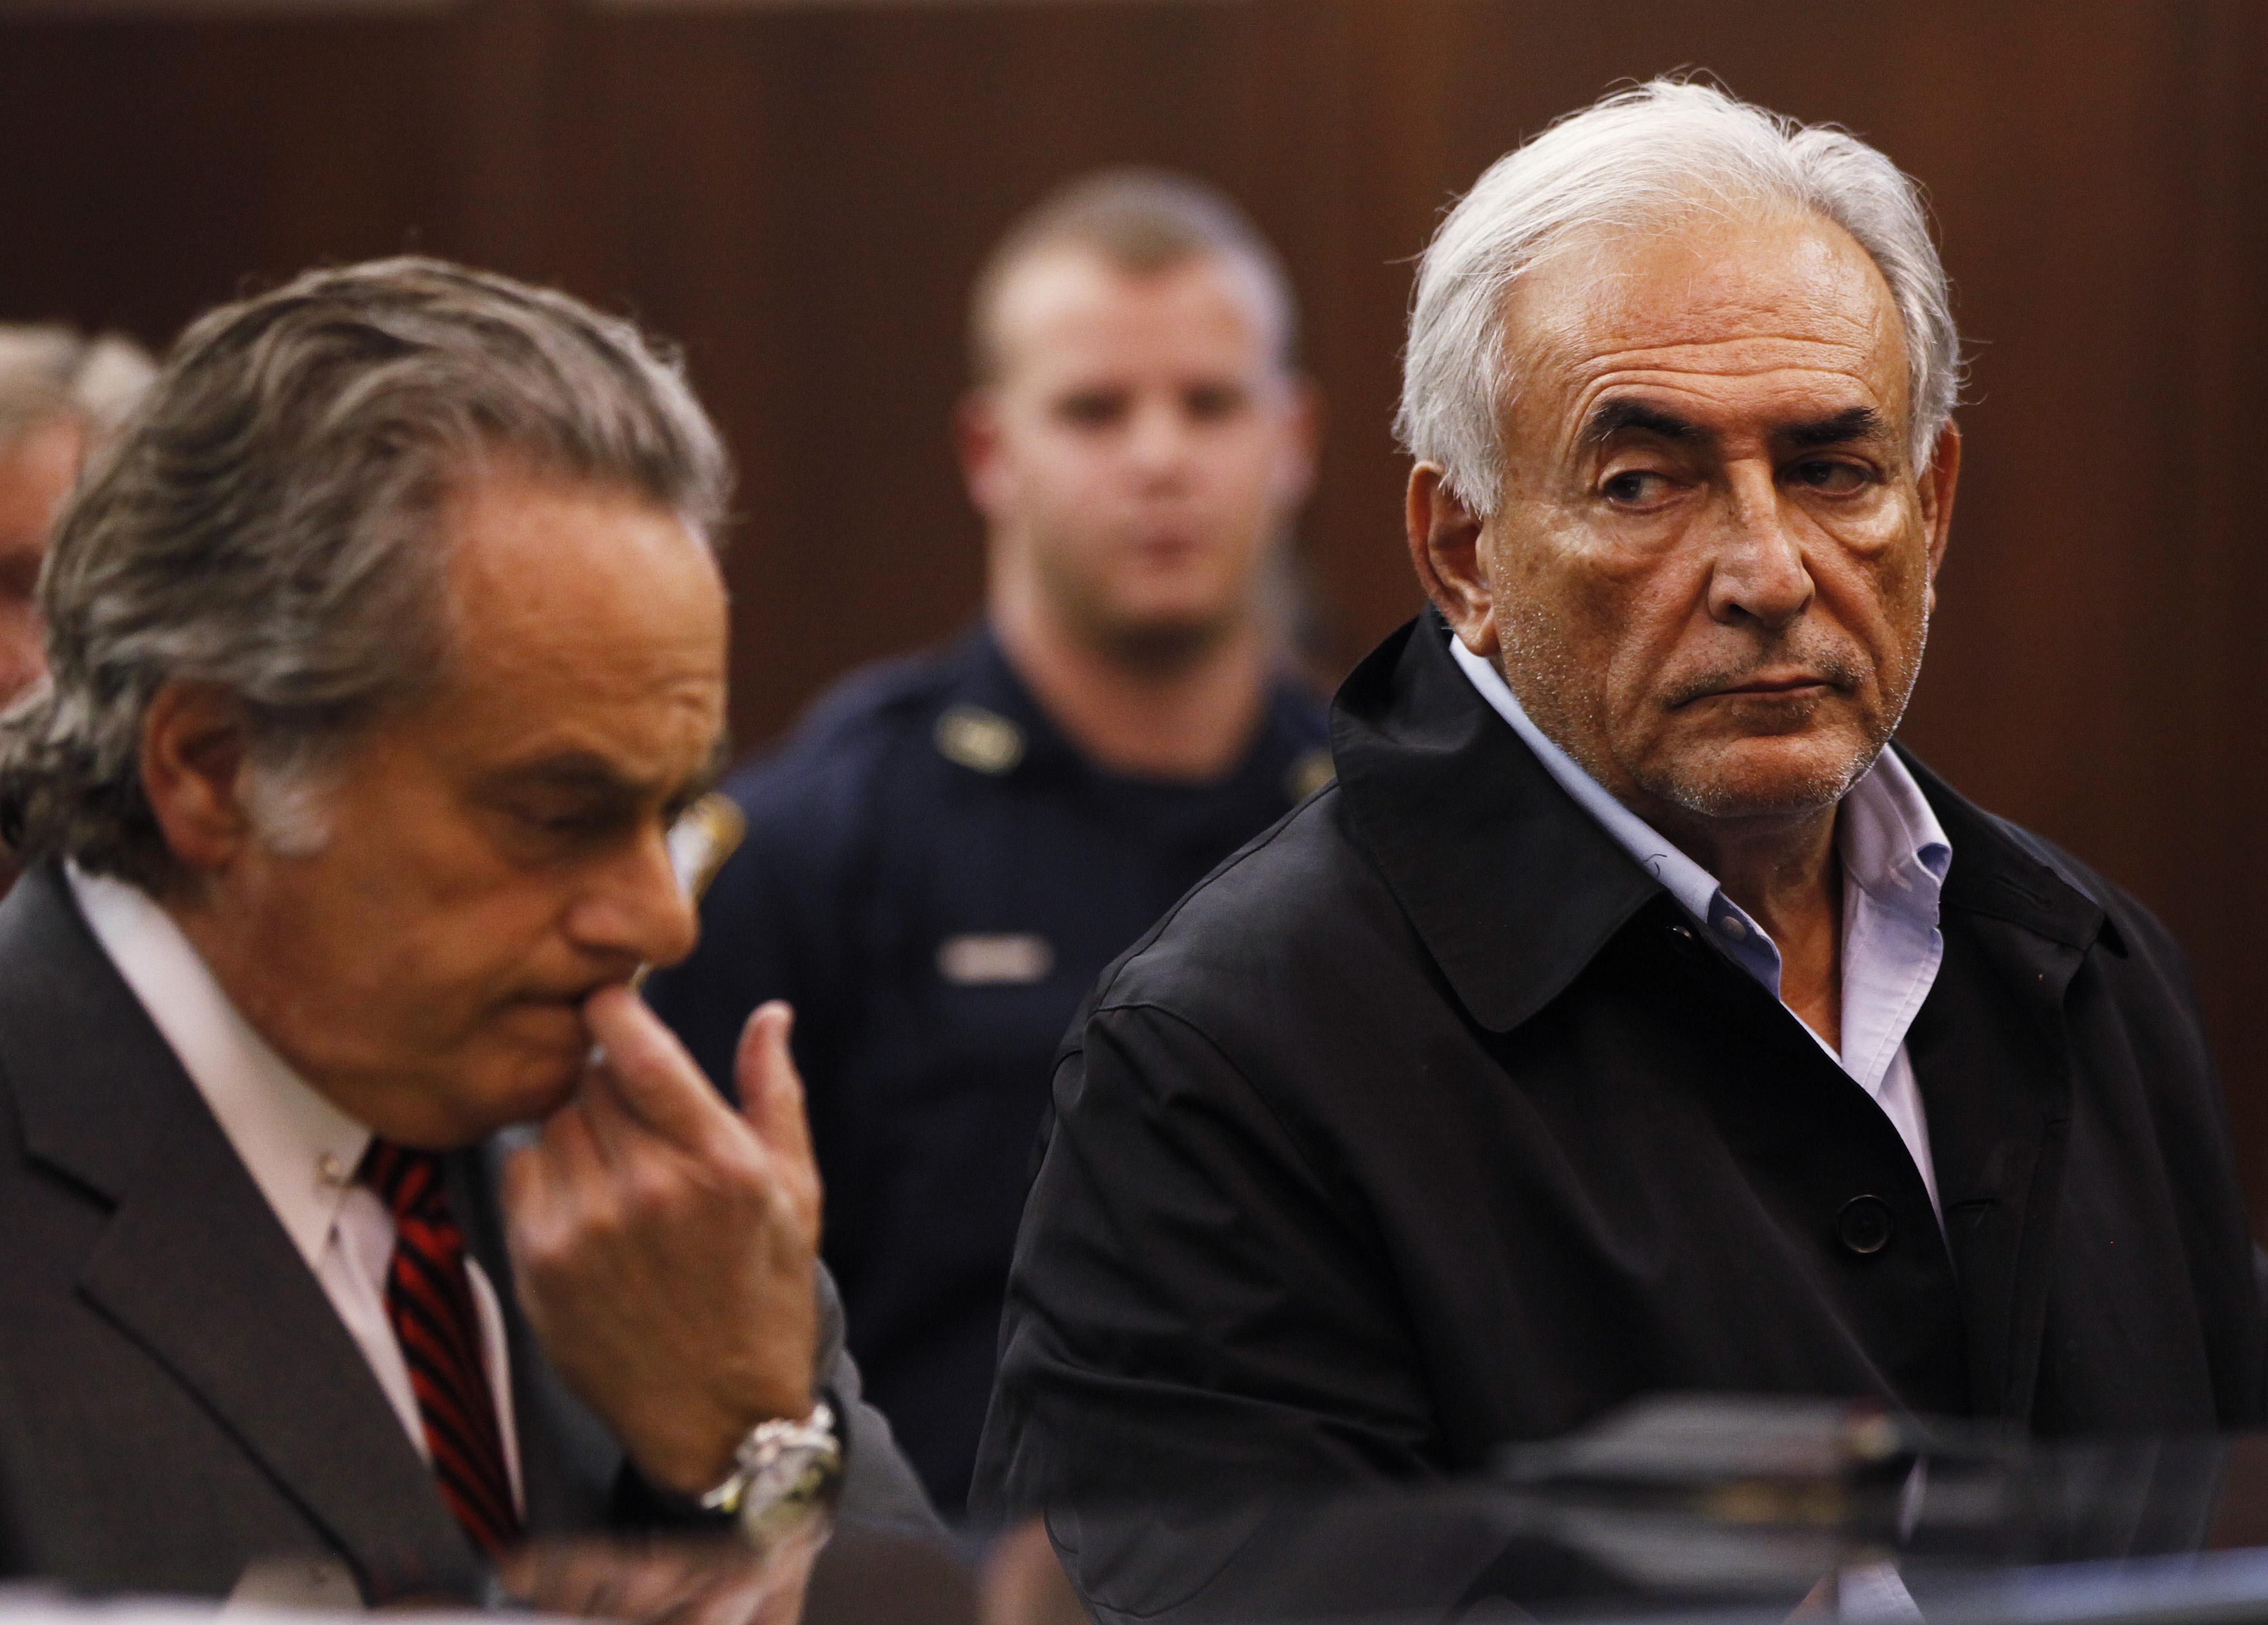 前國際貨幣基金總裁史特勞斯卡恩(右)2011年5月16日於曼哈坦頓刑事法庭過堂,法官裁定不得交保。(美聯社)